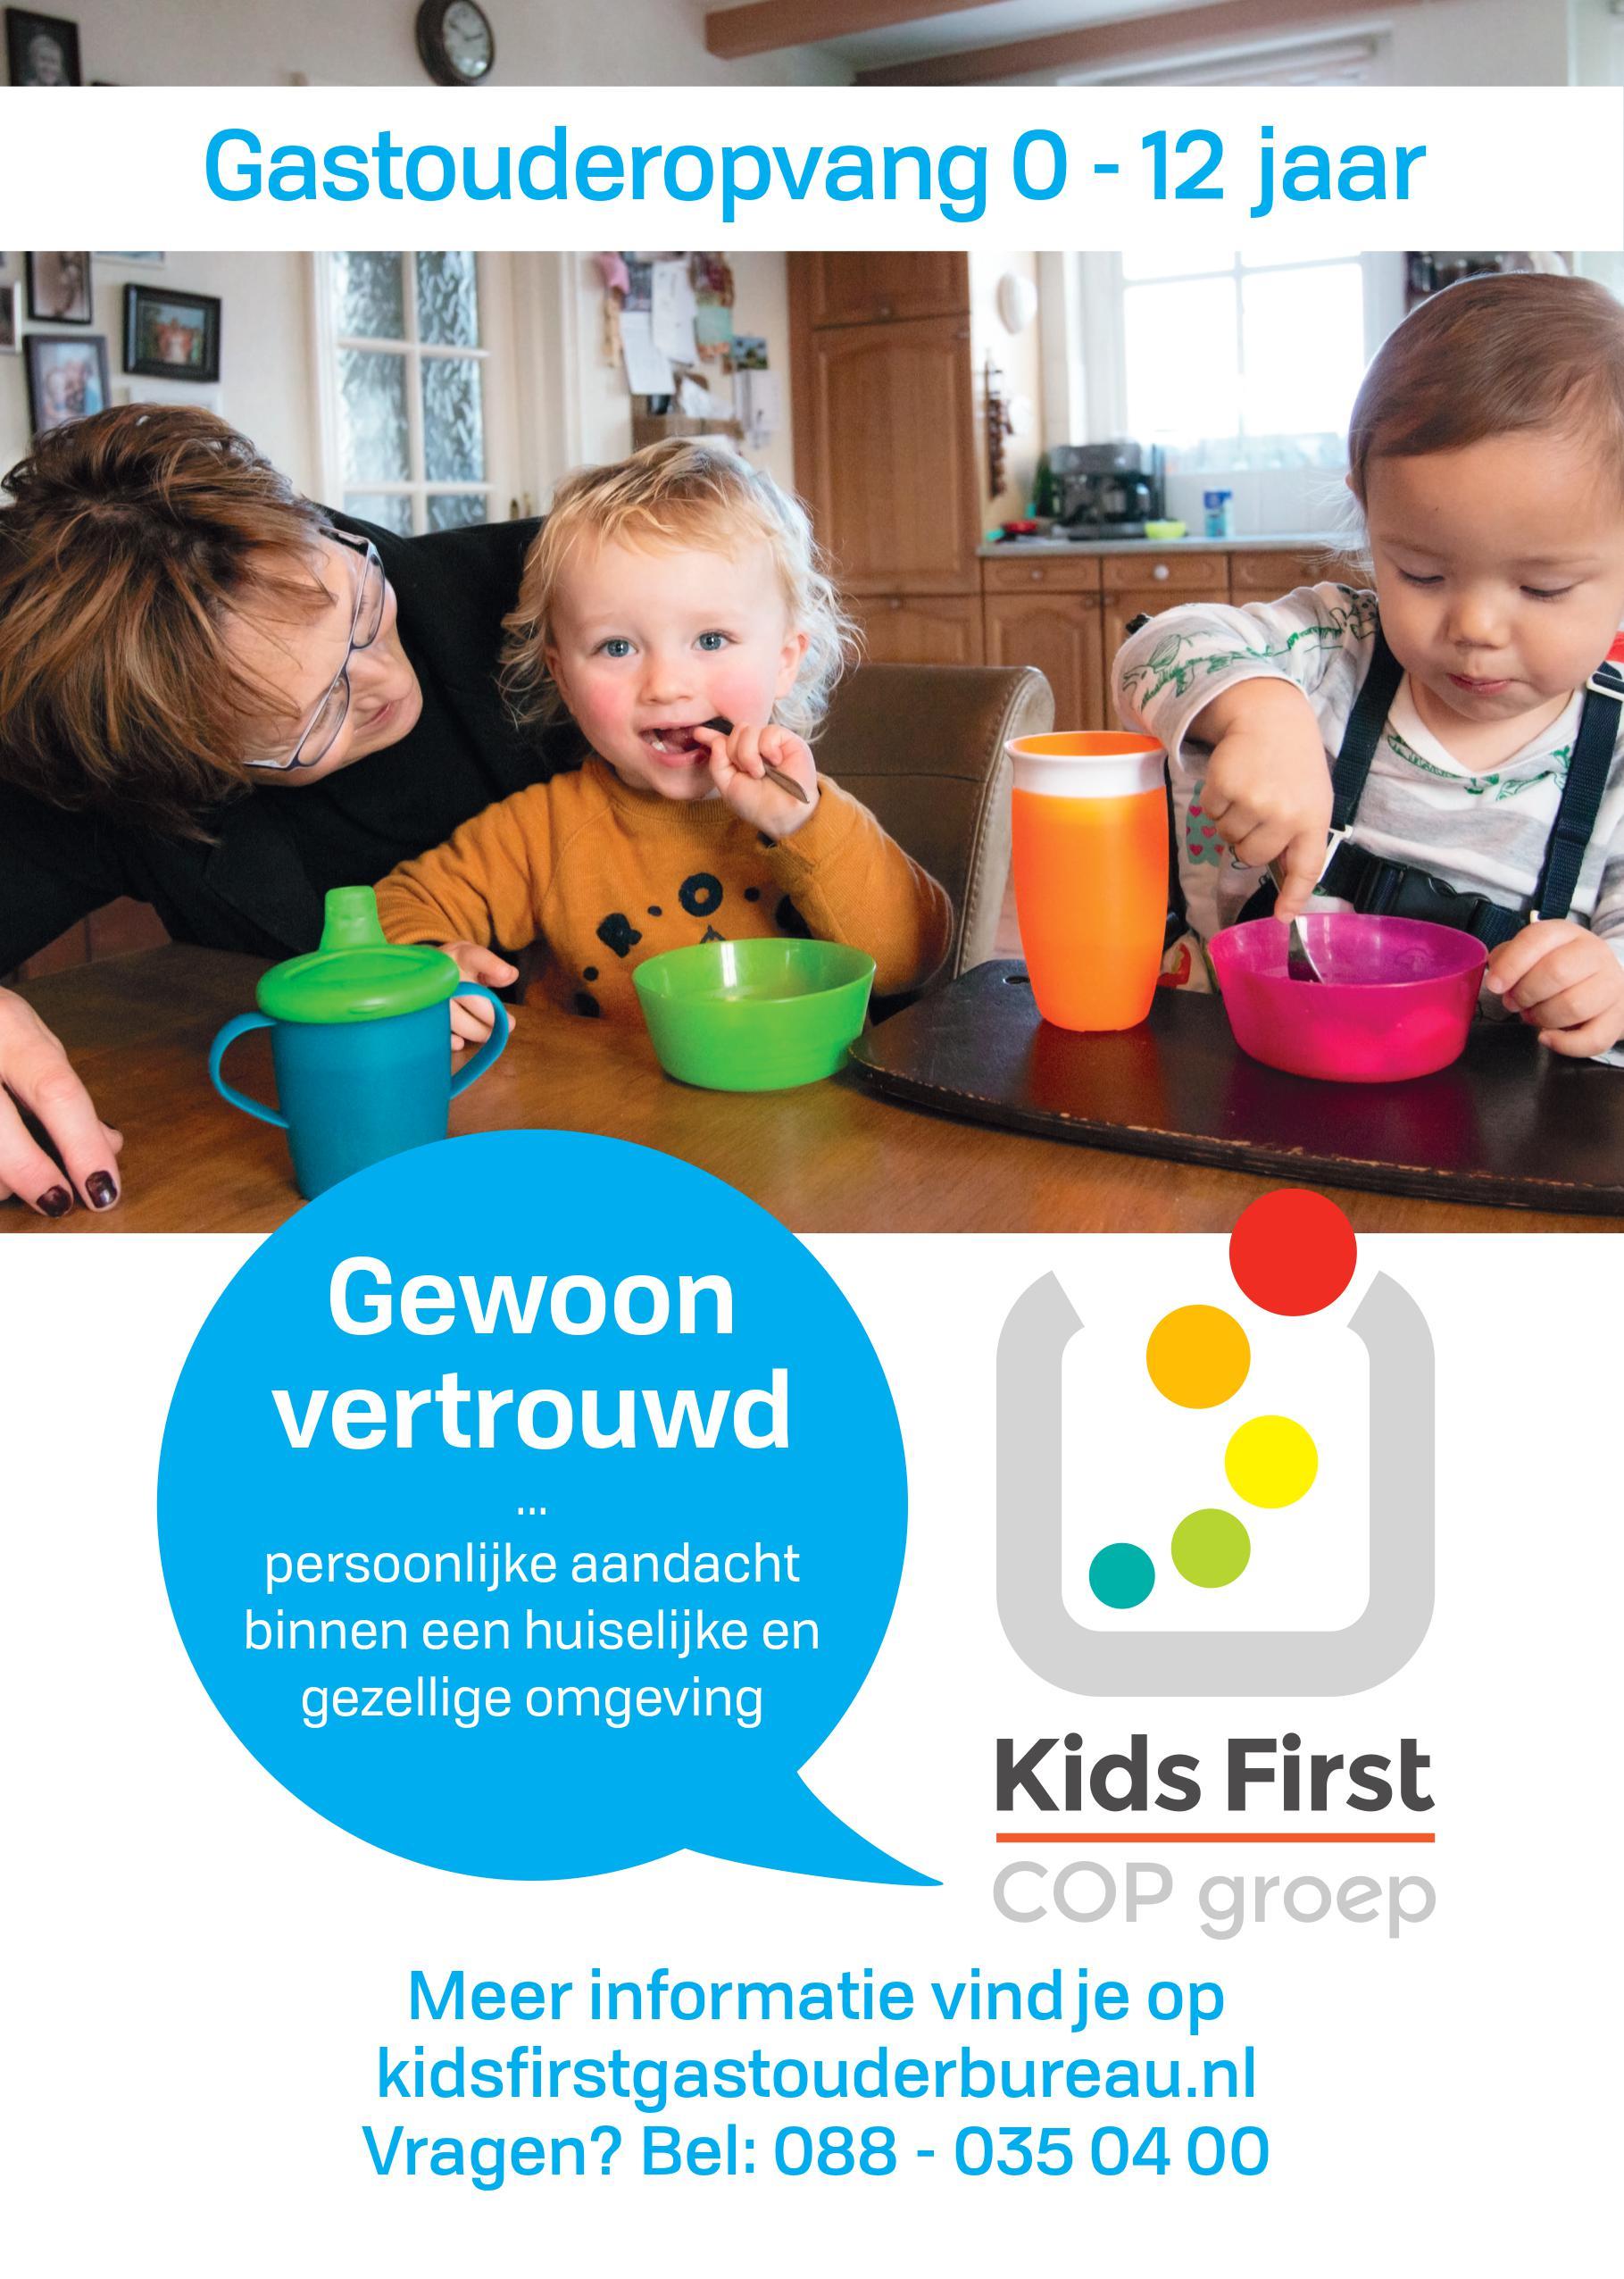 Gastouderopvang 0 - 12 jaar Kids First COP groep